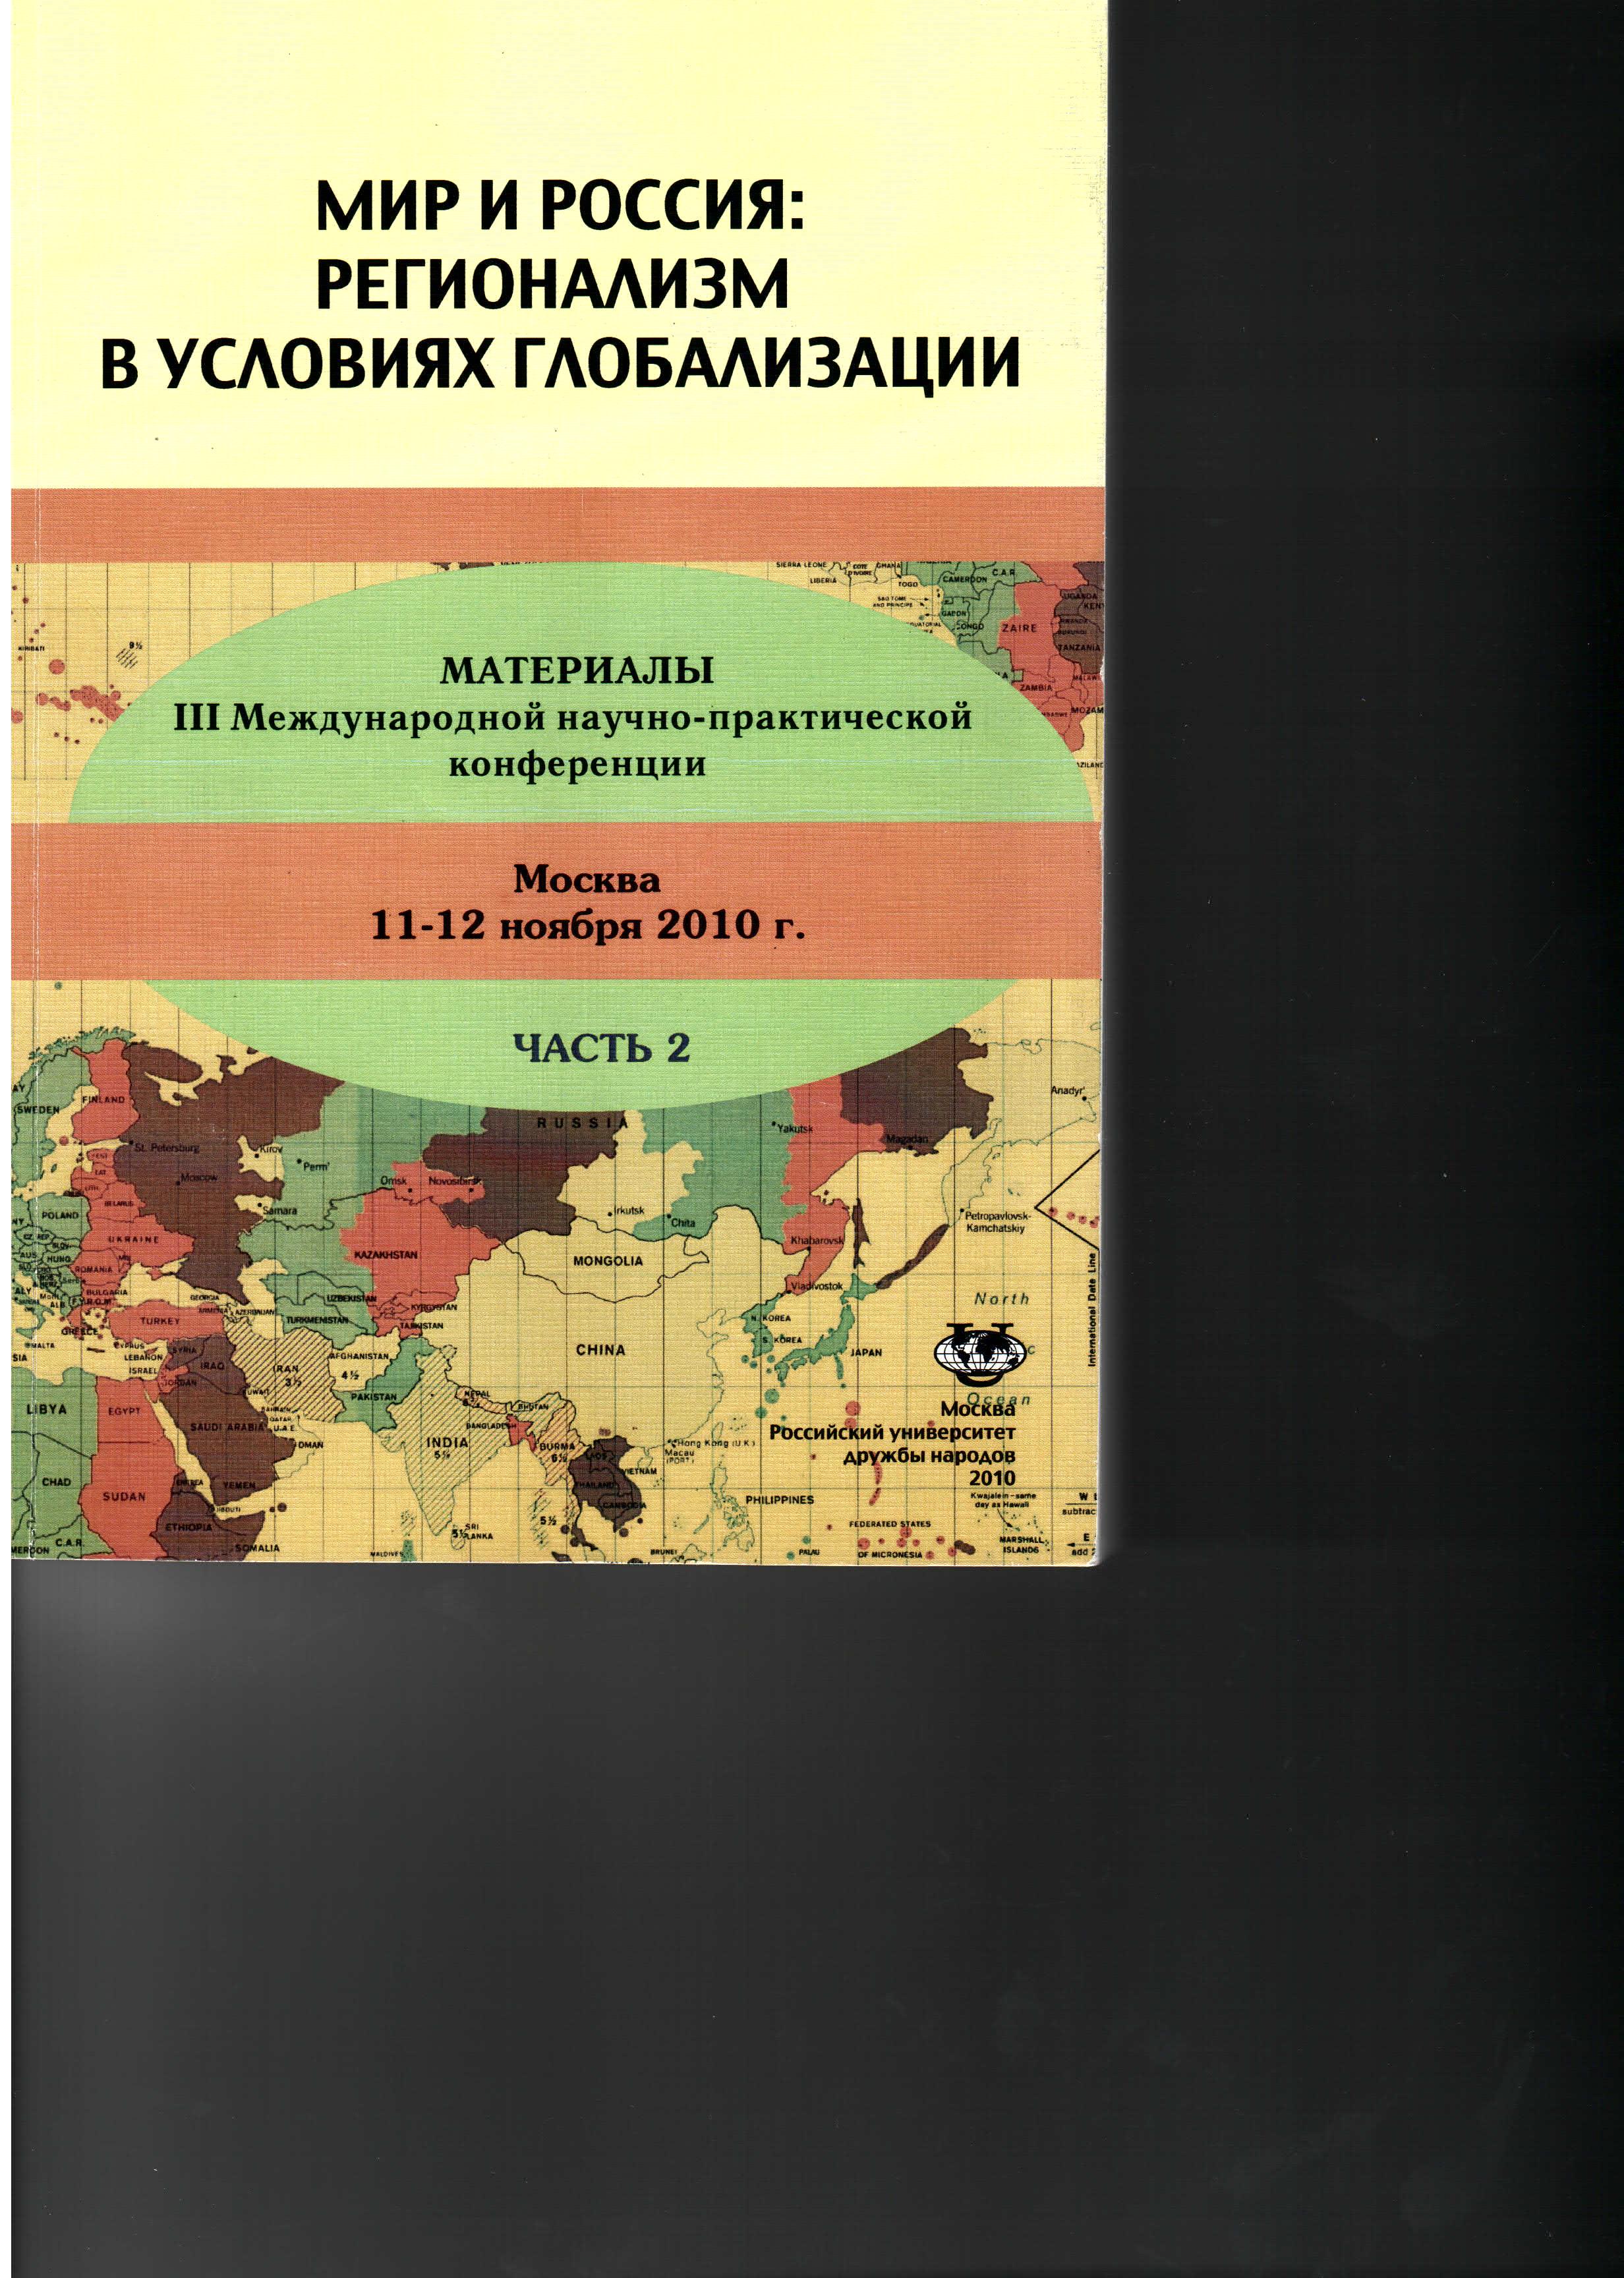 Мир и Россия: регионализм в условиях глобализации